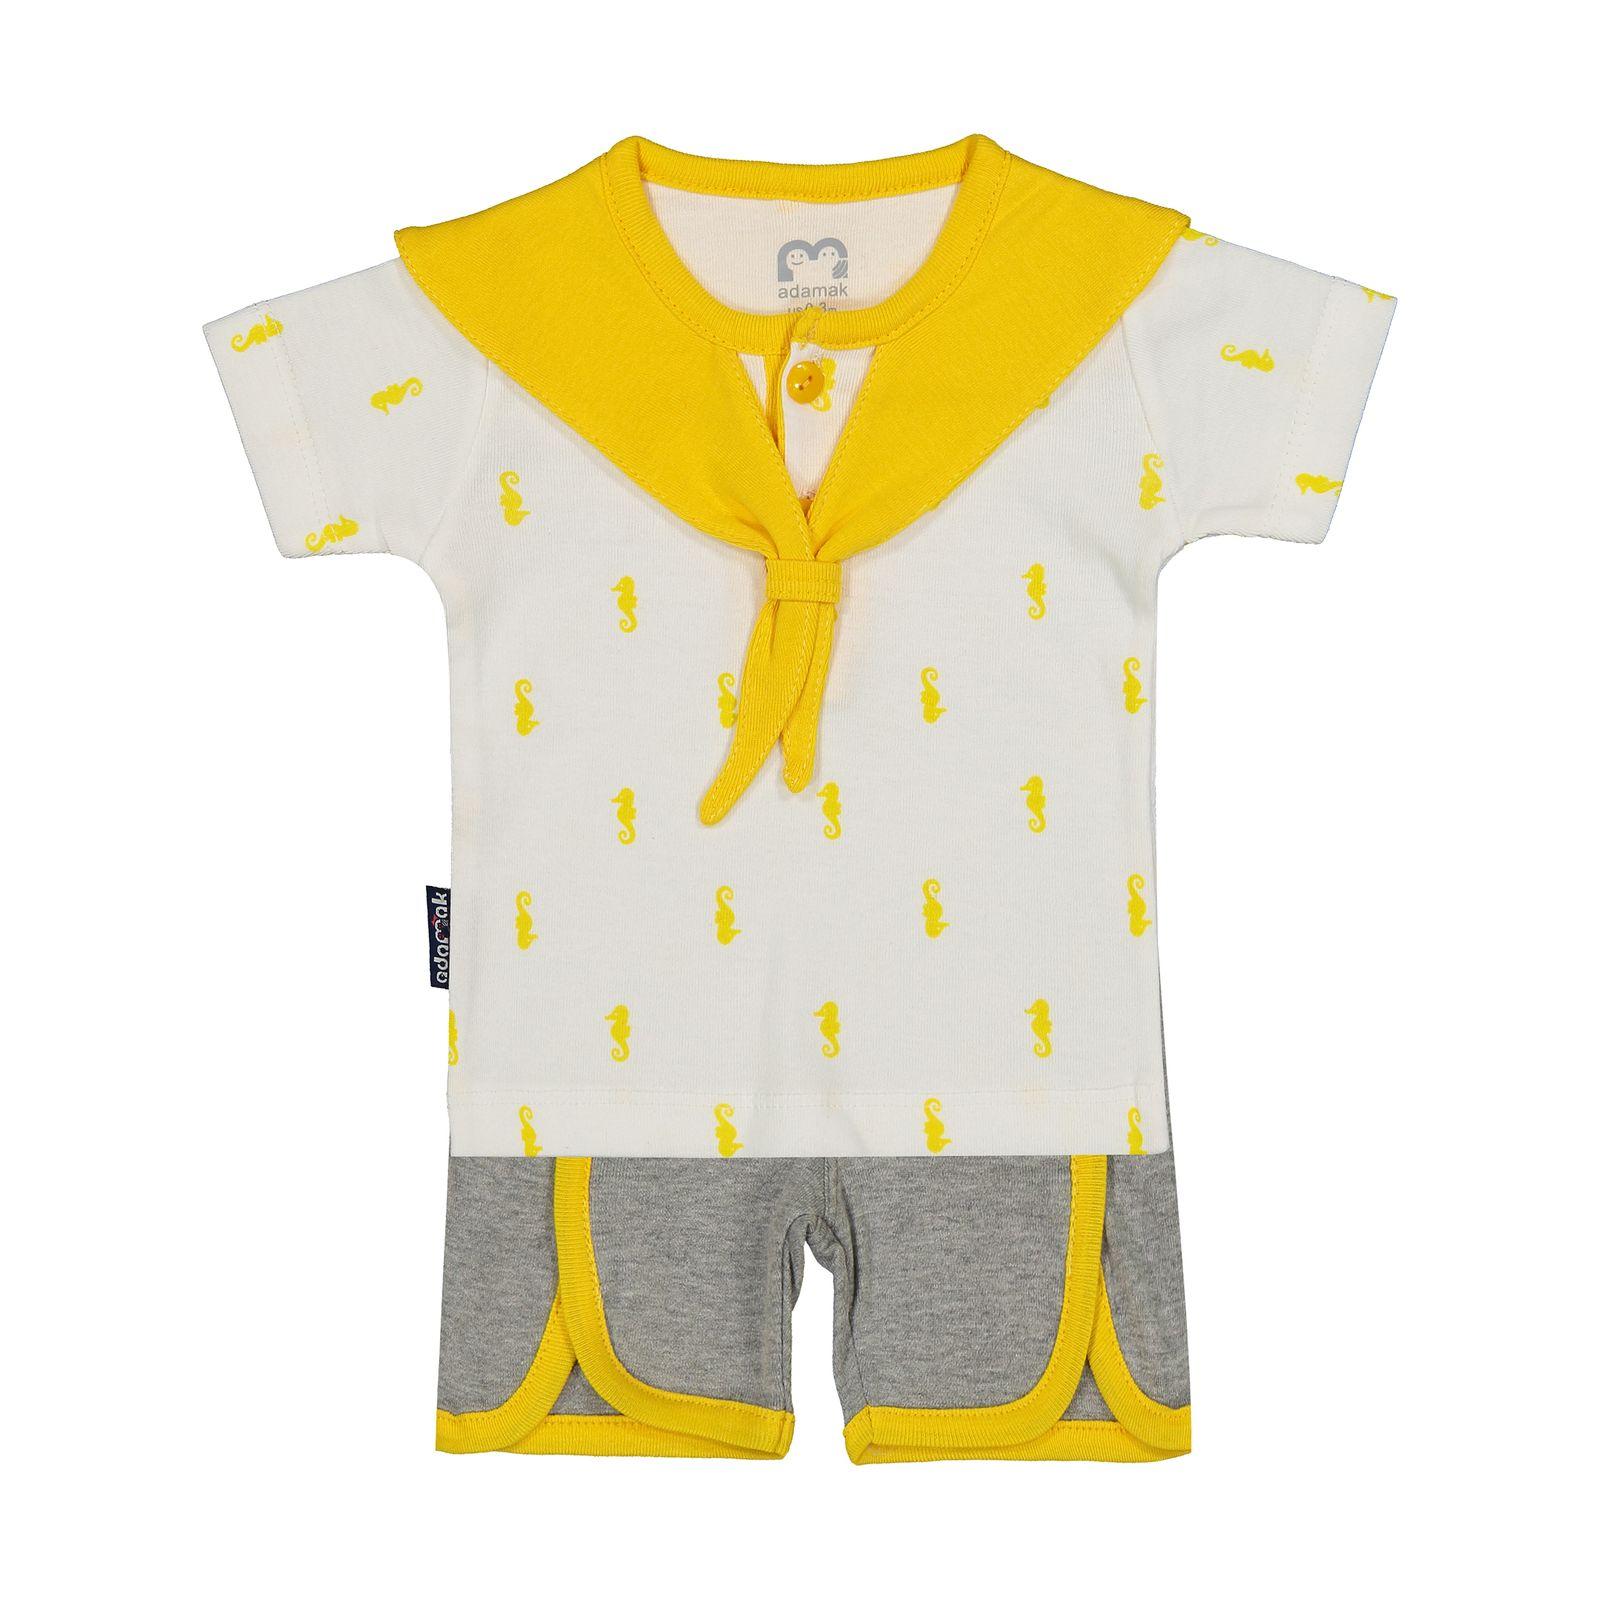 ست تی شرت و شورت نوزادی آدمک مدل 2171112-16 -  - 2